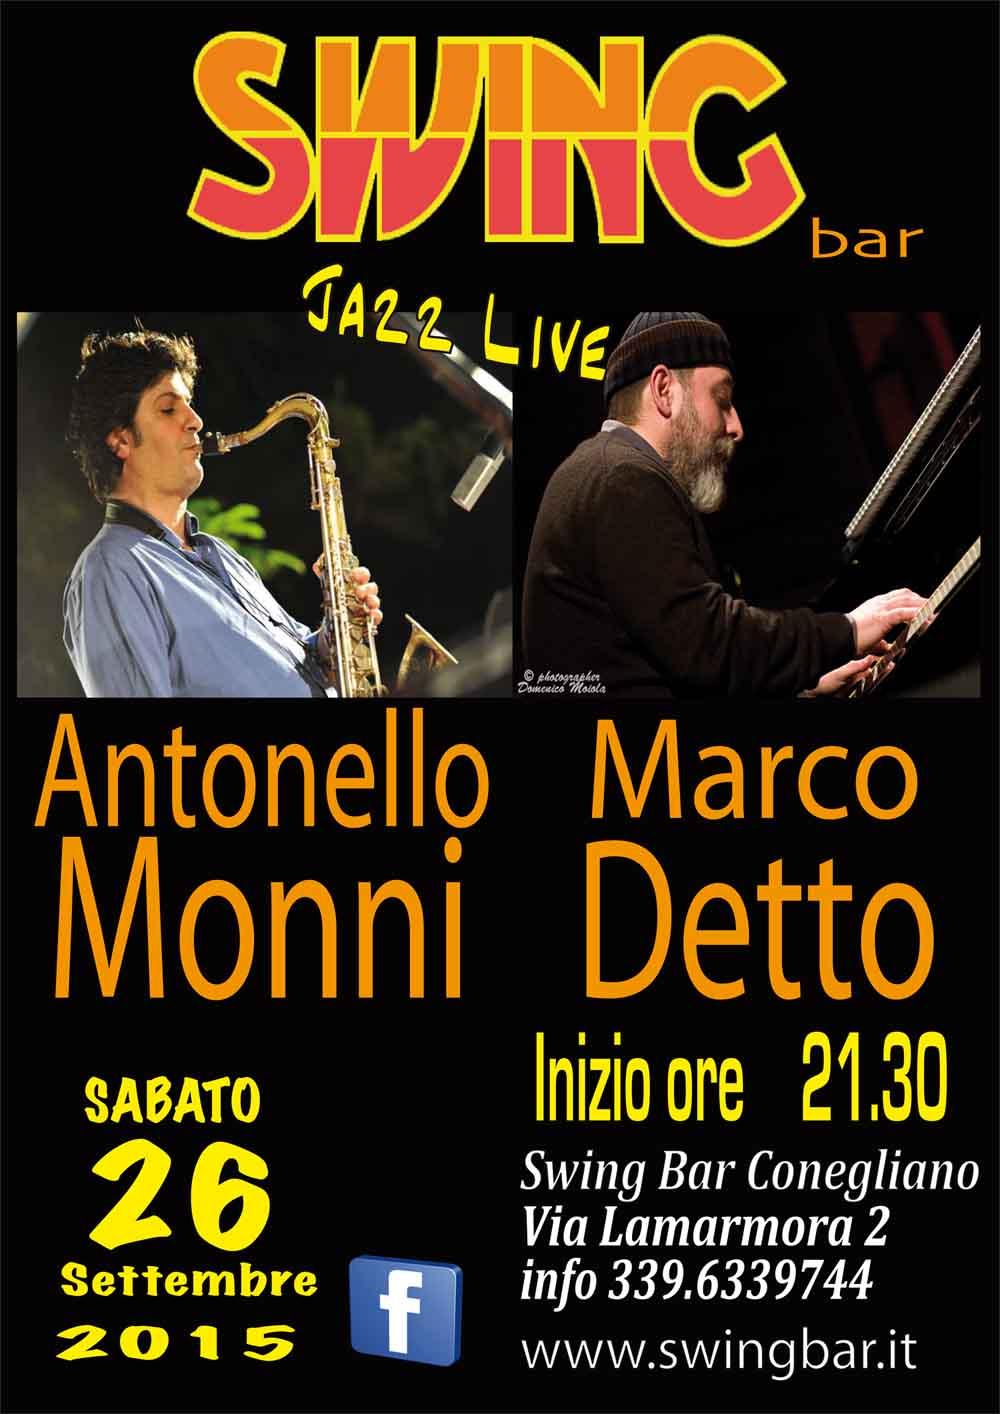 Detto Monni